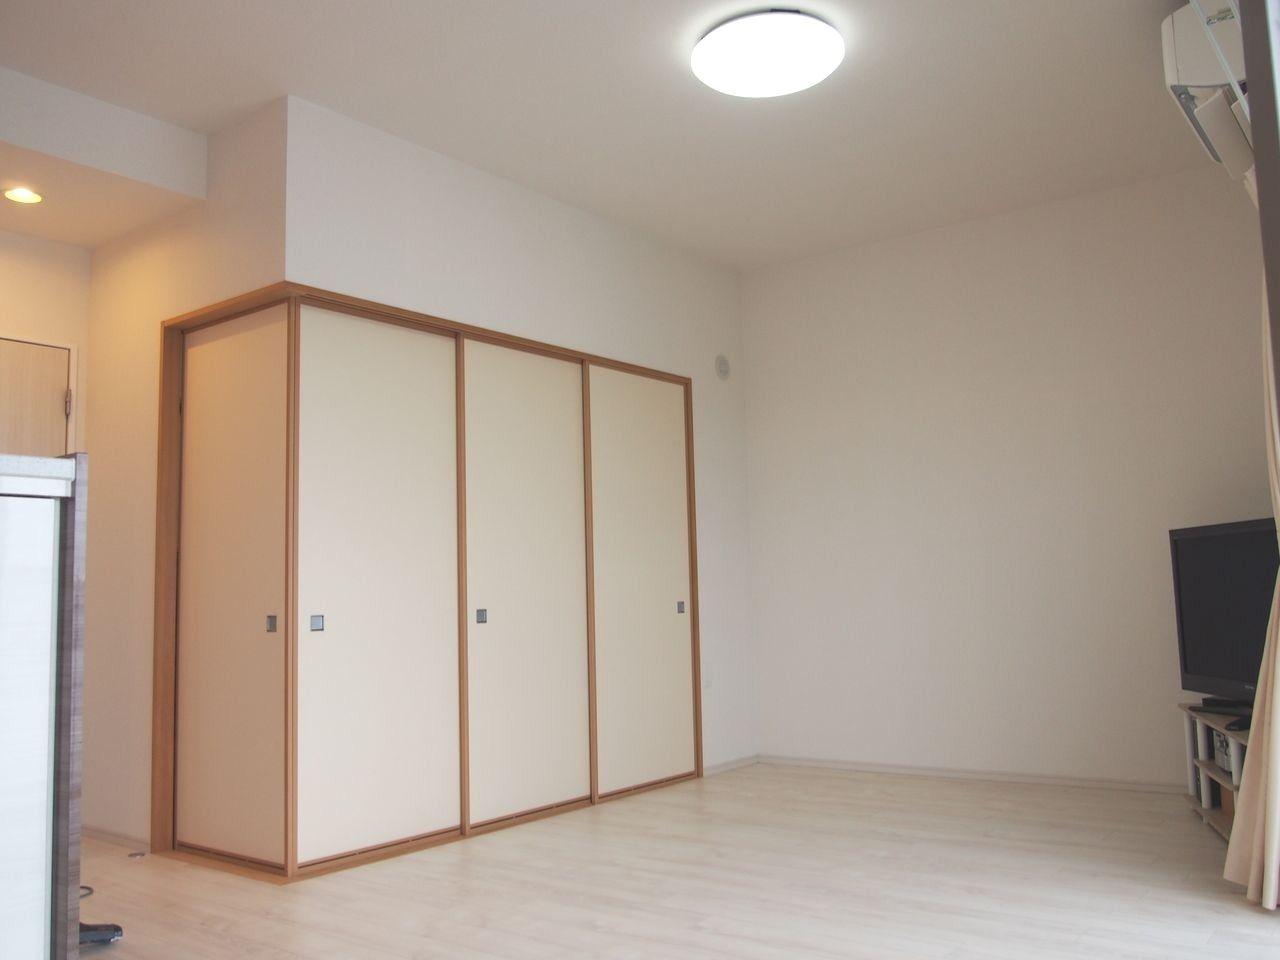 和室と続きになります。和室とあわせると、22.3帖の大空間です。